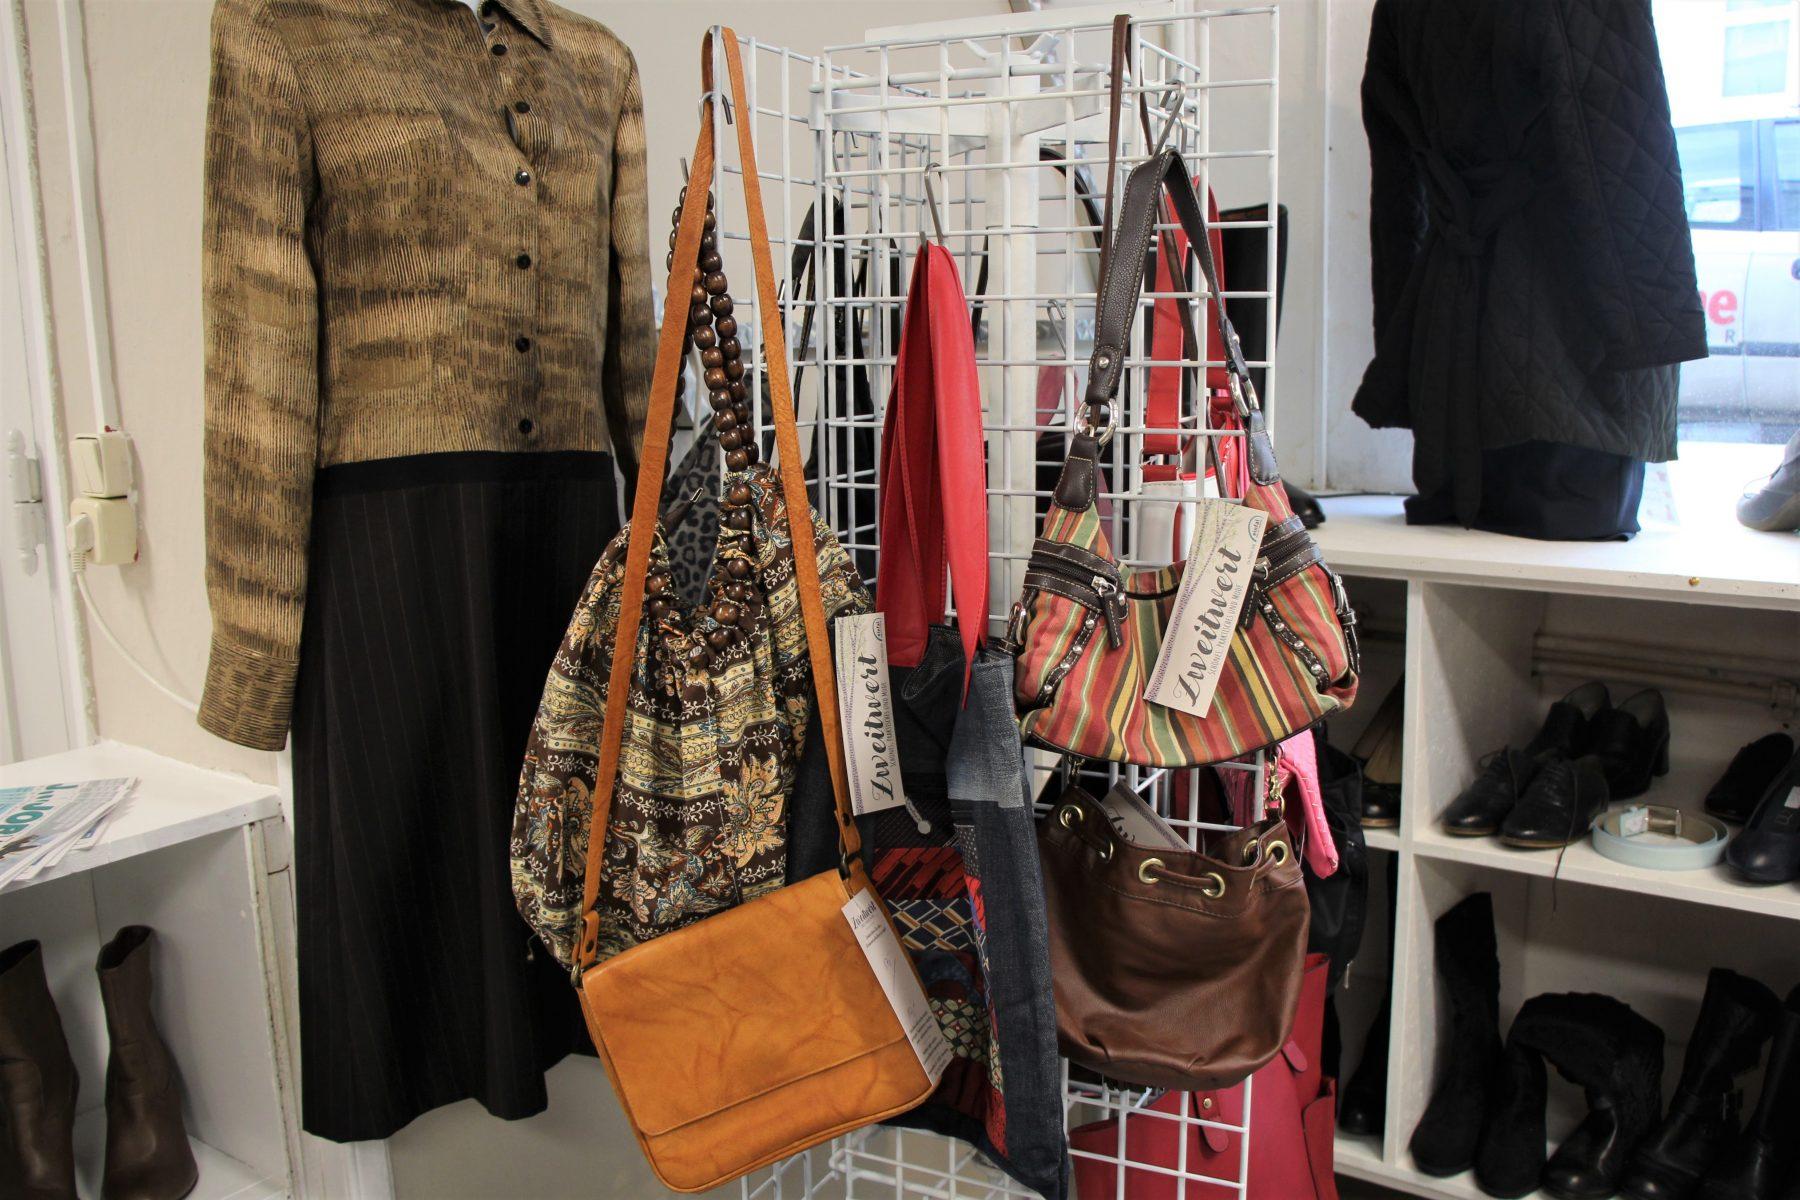 Bei Zweitwert gibt es Kleidung, Haushaltswaren und Accessoires. Foto: Sophia Kleiner